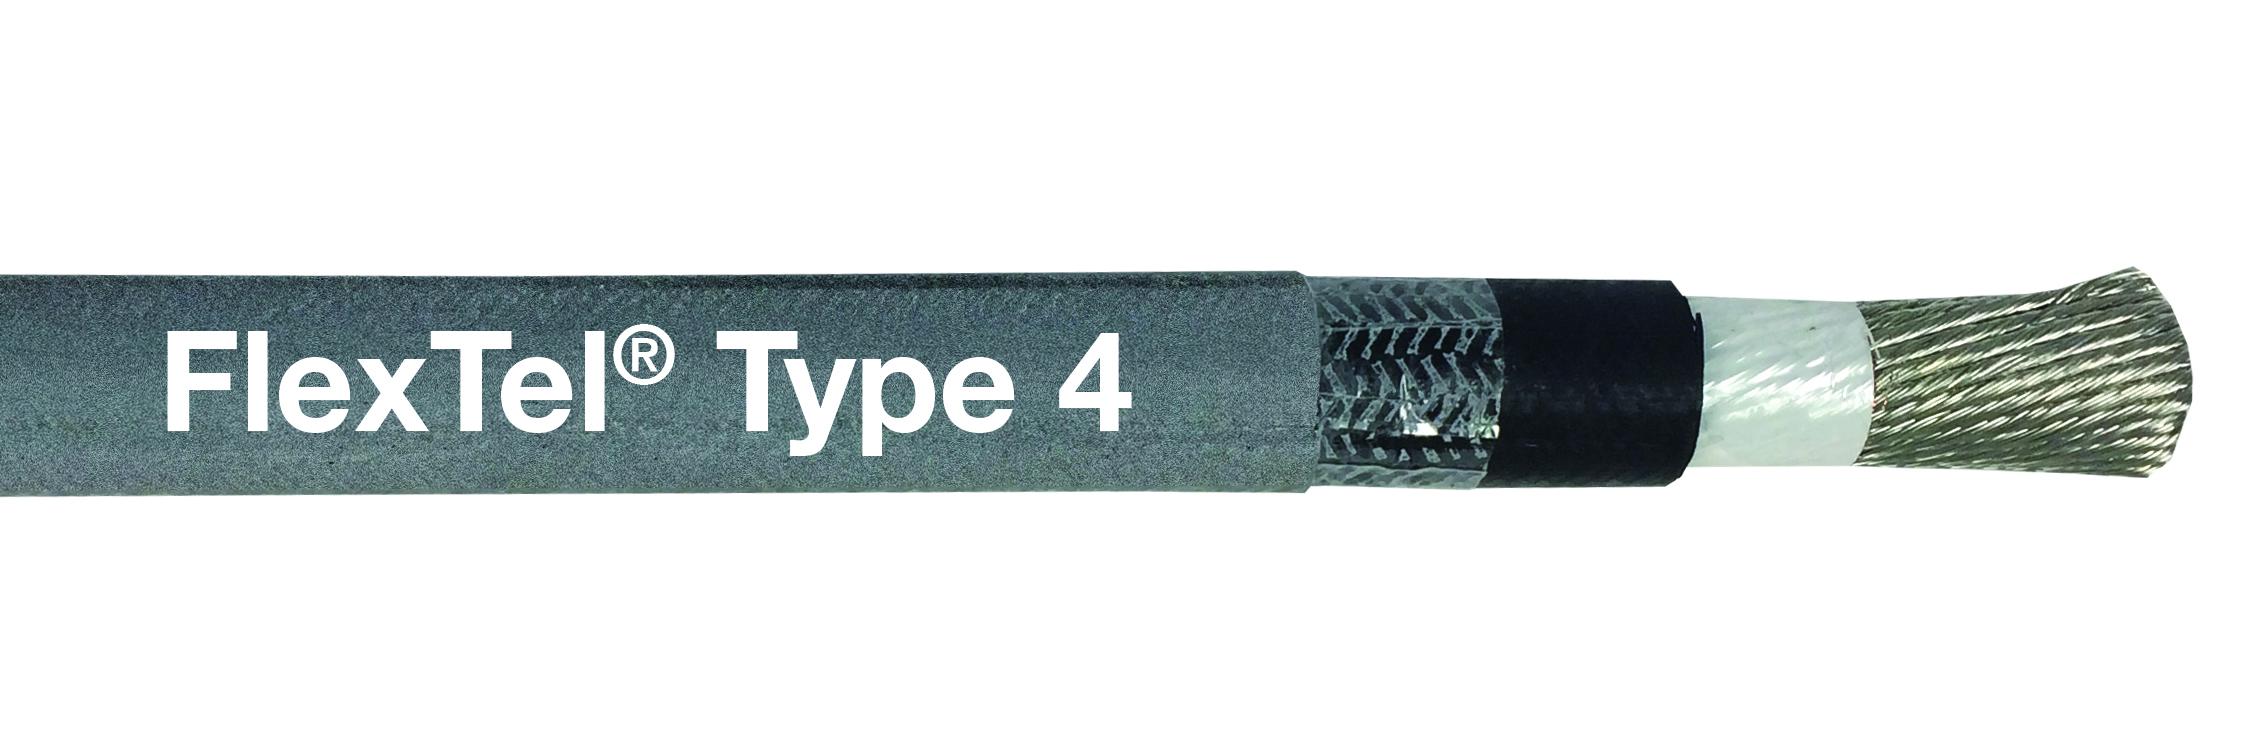 FlexTel Type 4